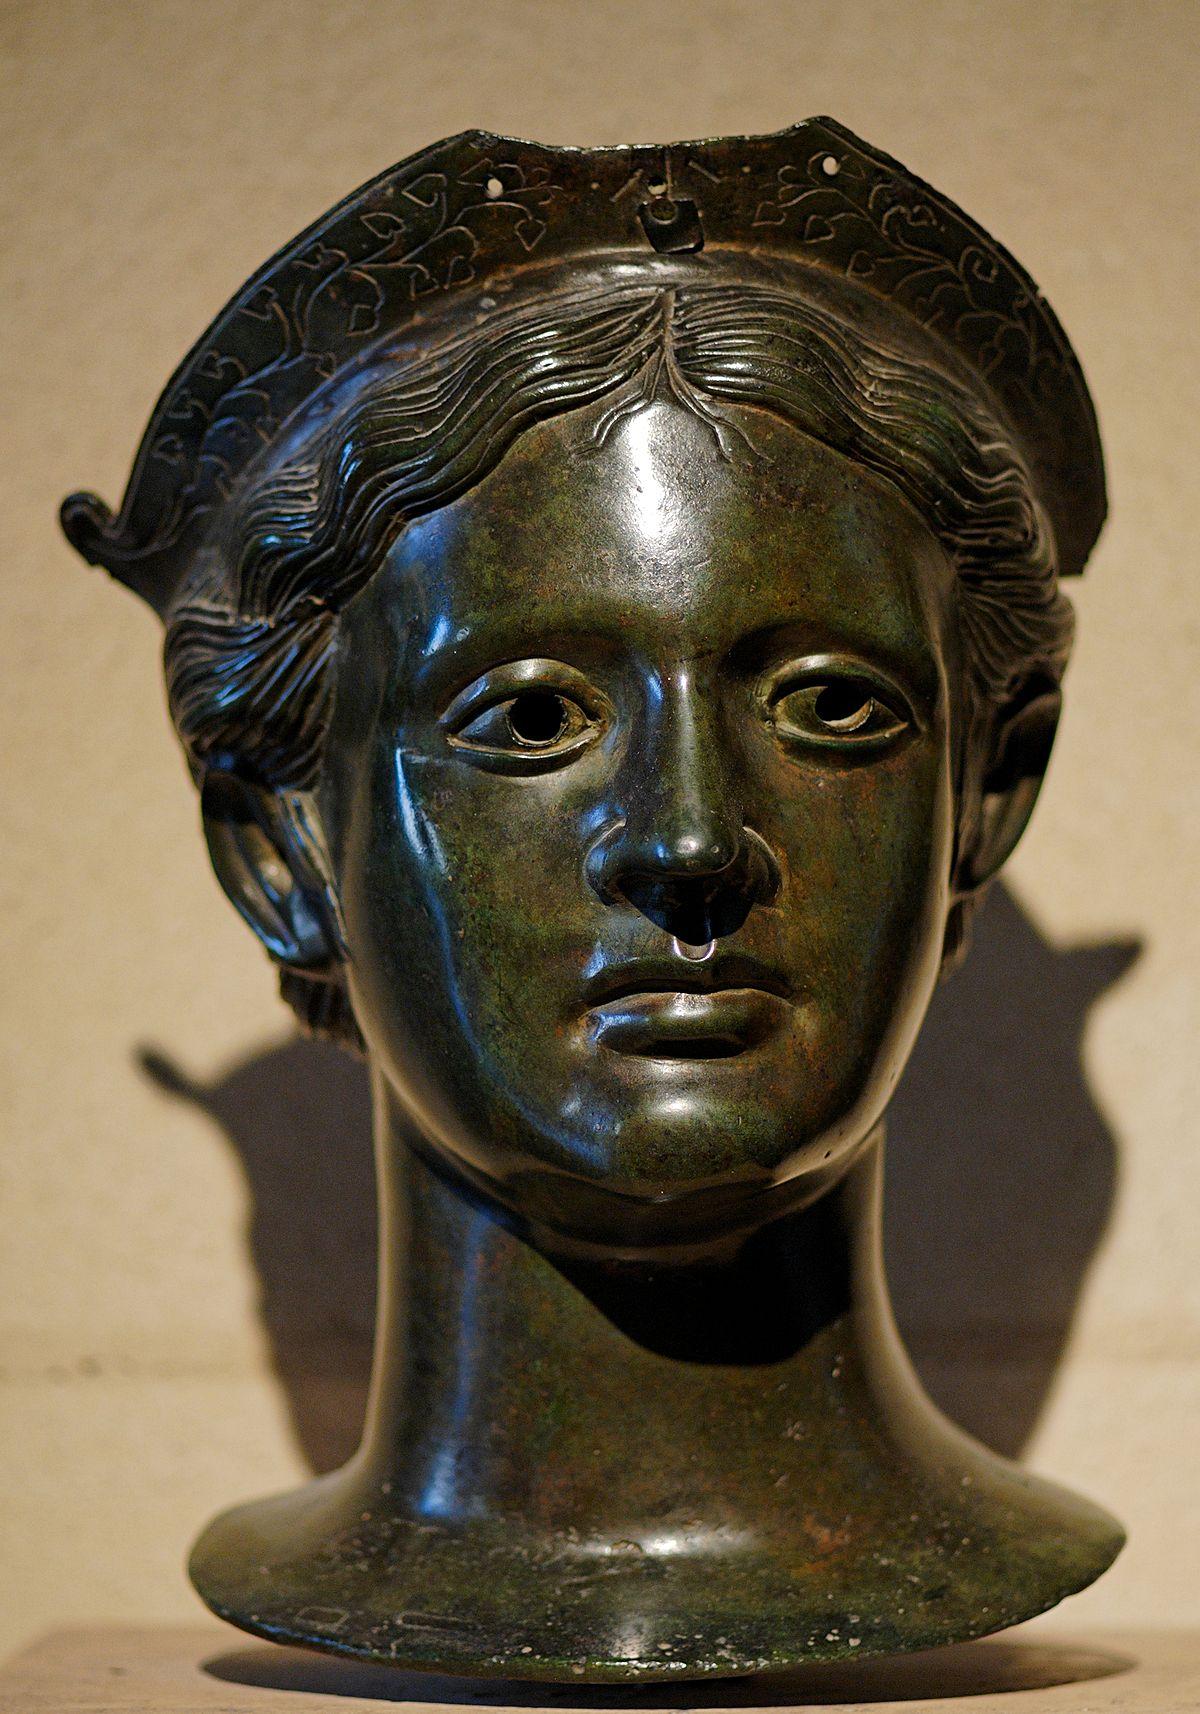 Escultura romana viquip dia l 39 enciclop dia lliure - Escultura decorativa ...